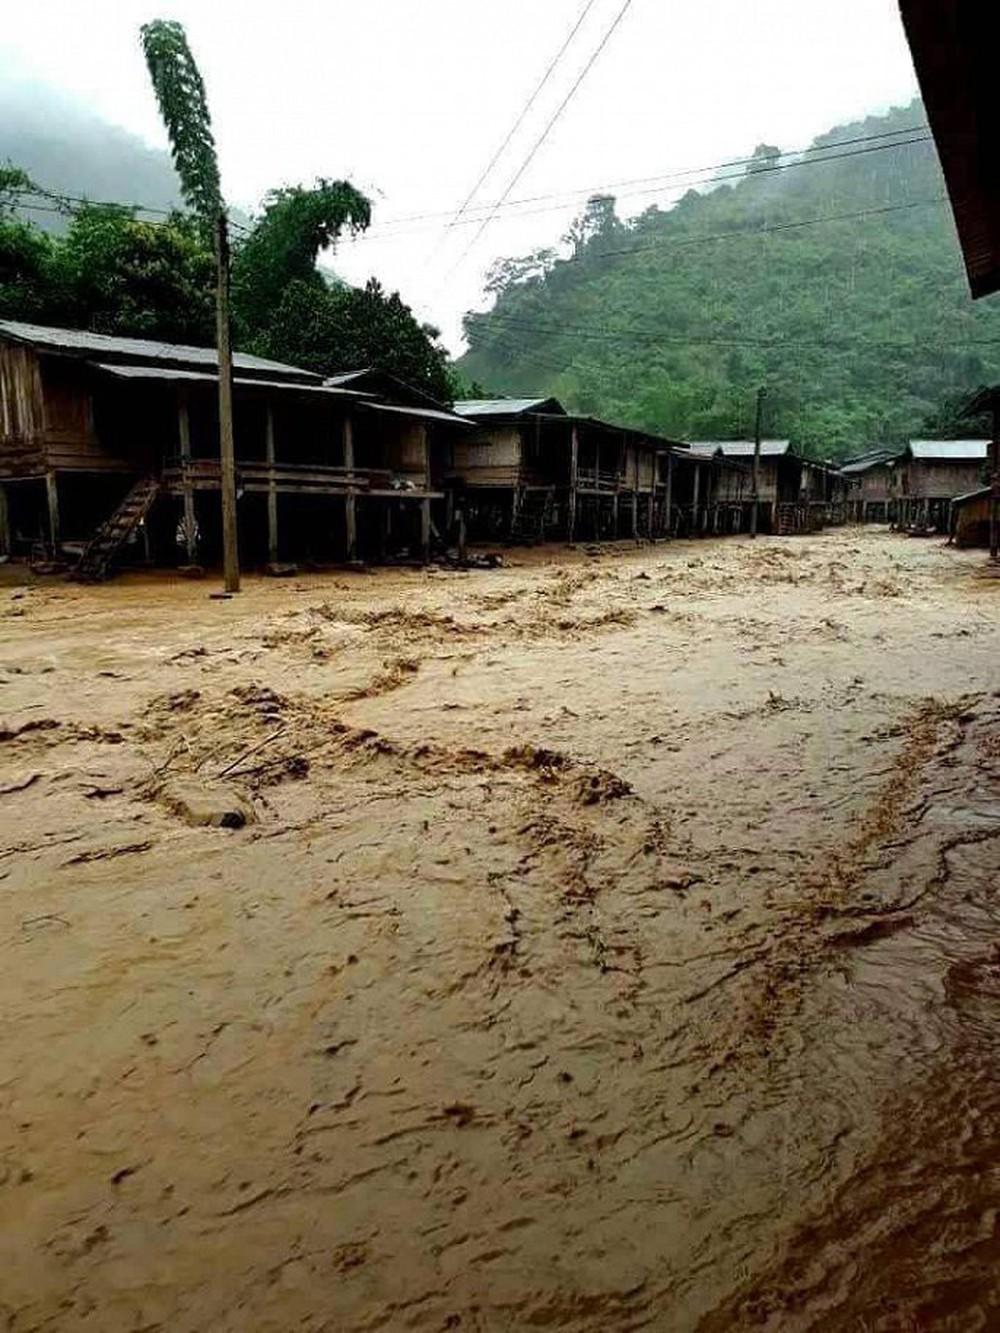 Thảm hoạ vỡ đập thuỷ điện ở Lào: Người Việt ở Attapeu ra sao? - Ảnh 2.